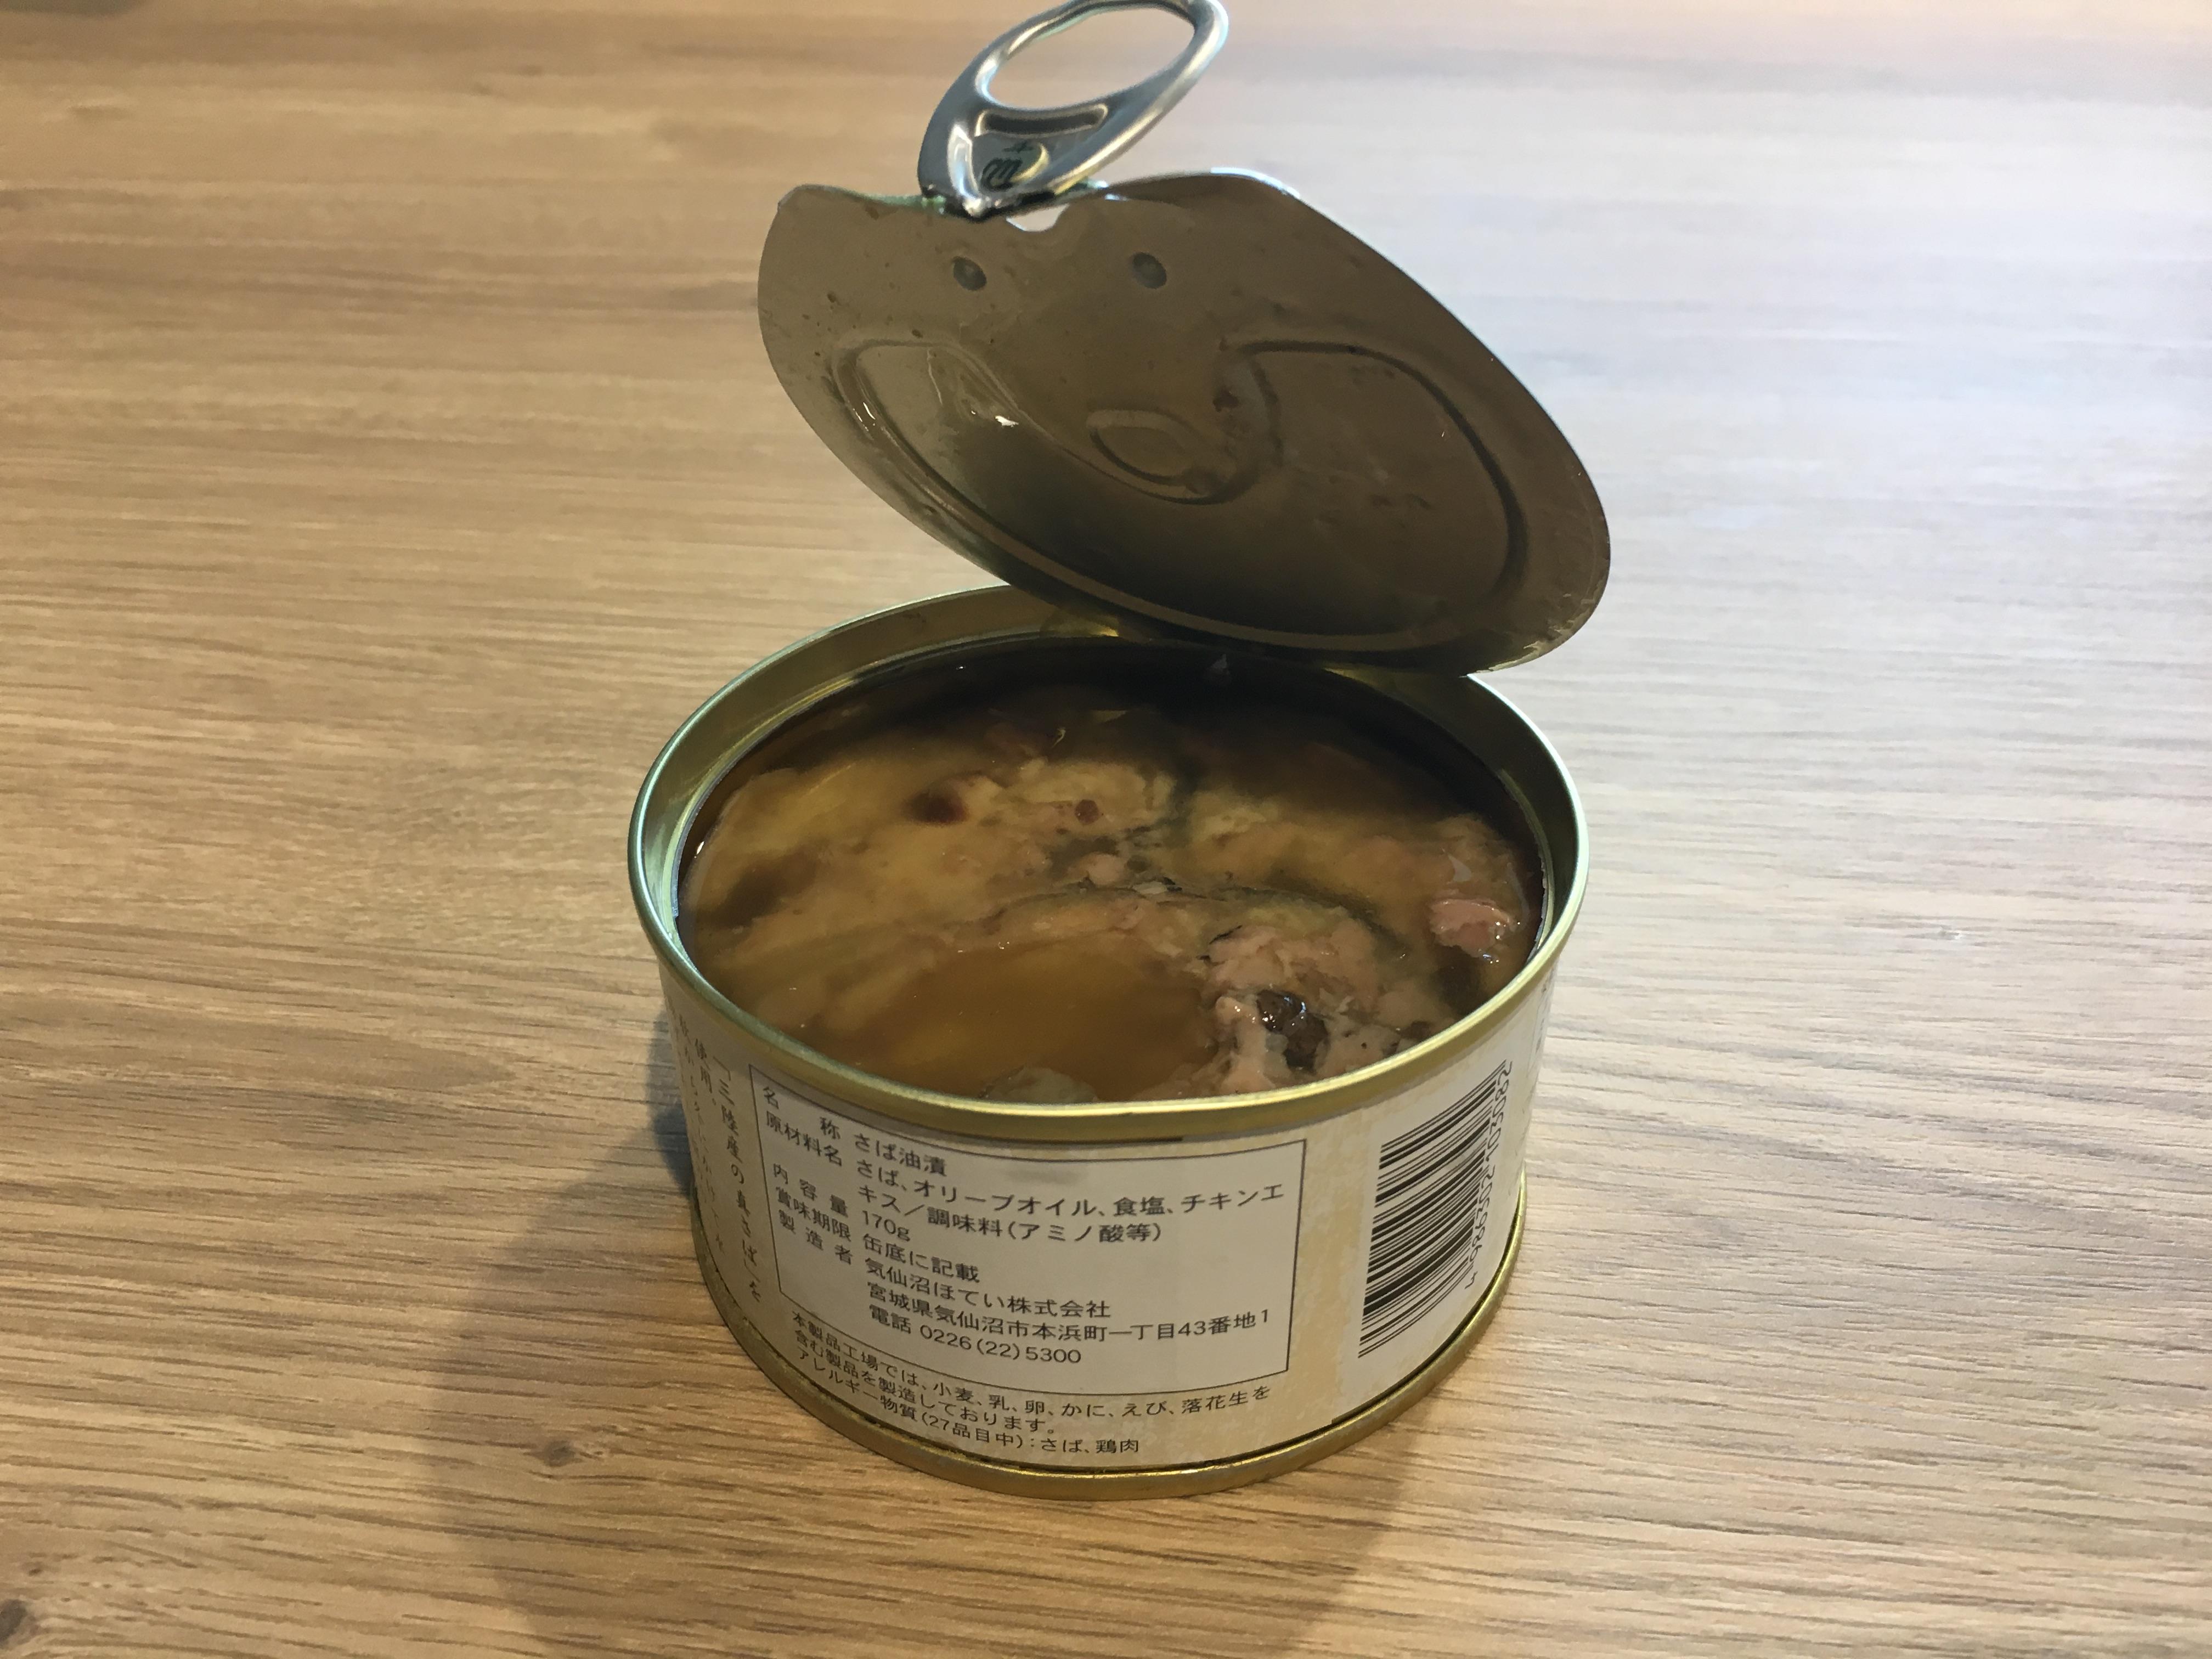 気仙沼ほてい 鯖 オリーブオイル